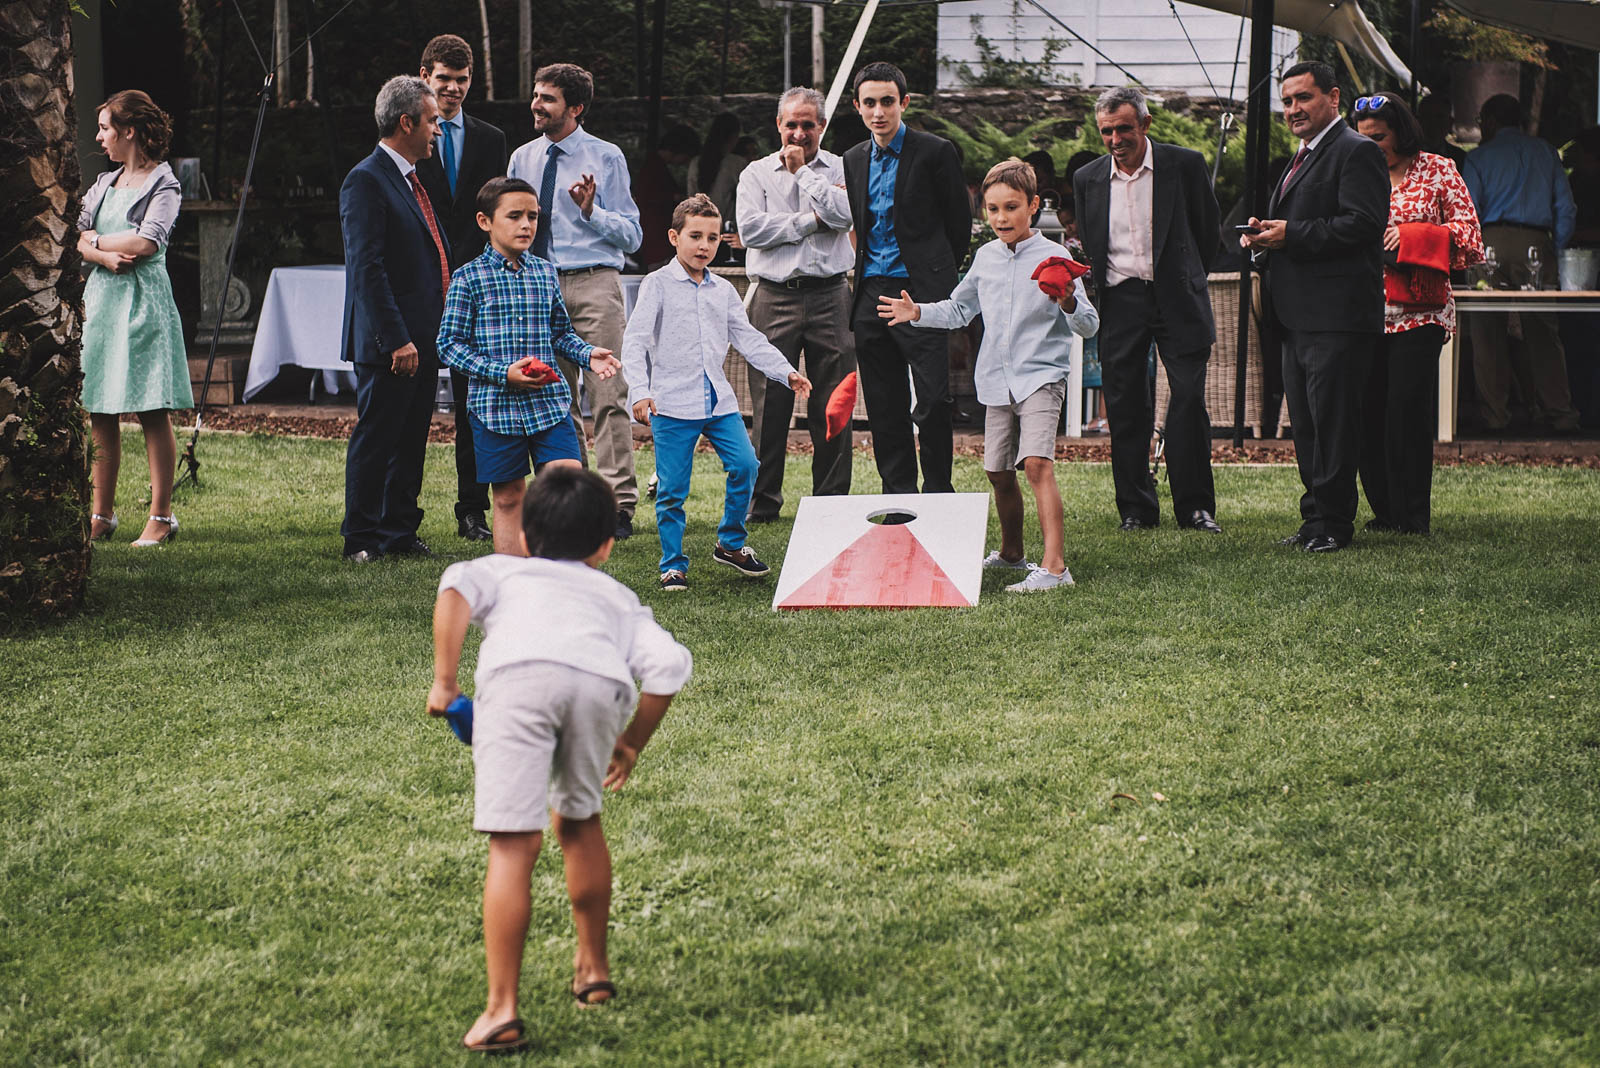 Juegos originales para niños en las bodas, conmemora wedding planner